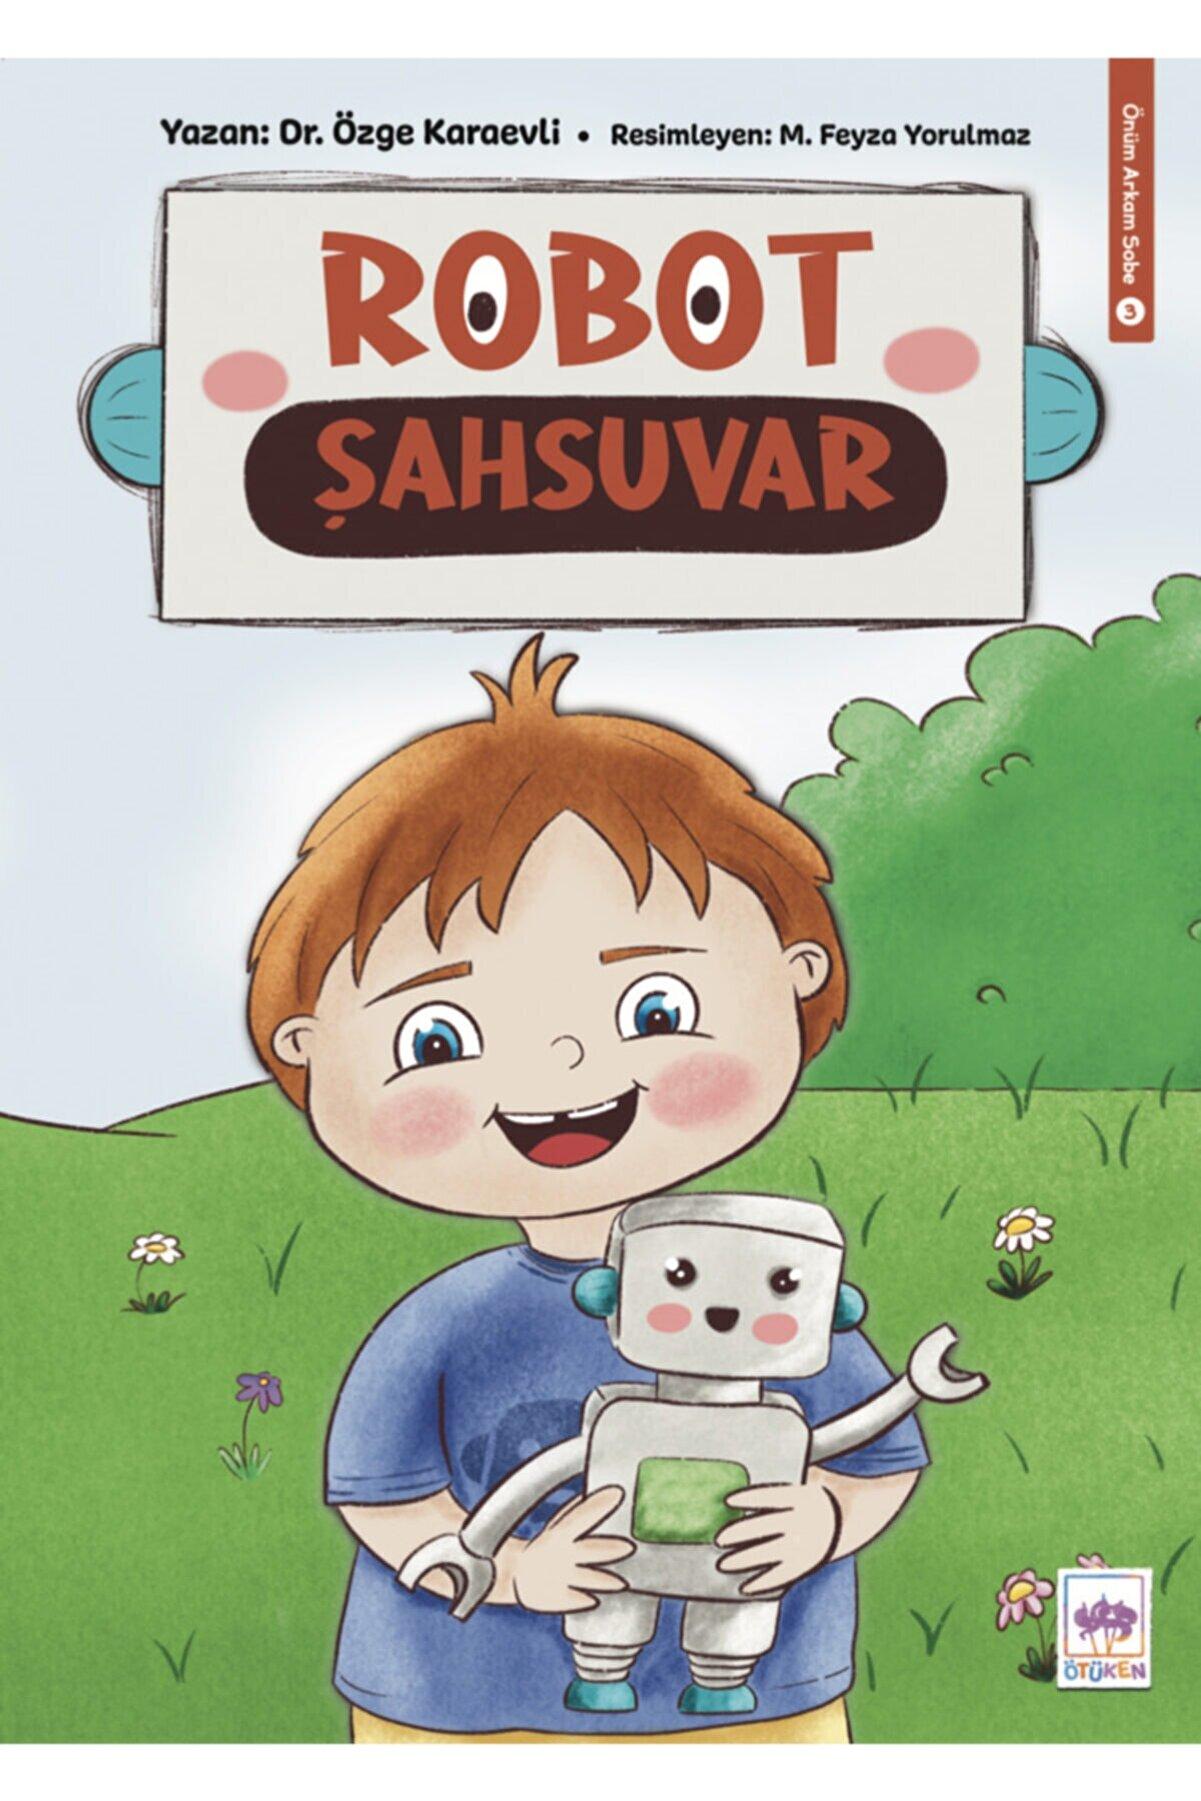 Ötüken Yayınları Robot Şahsuvar